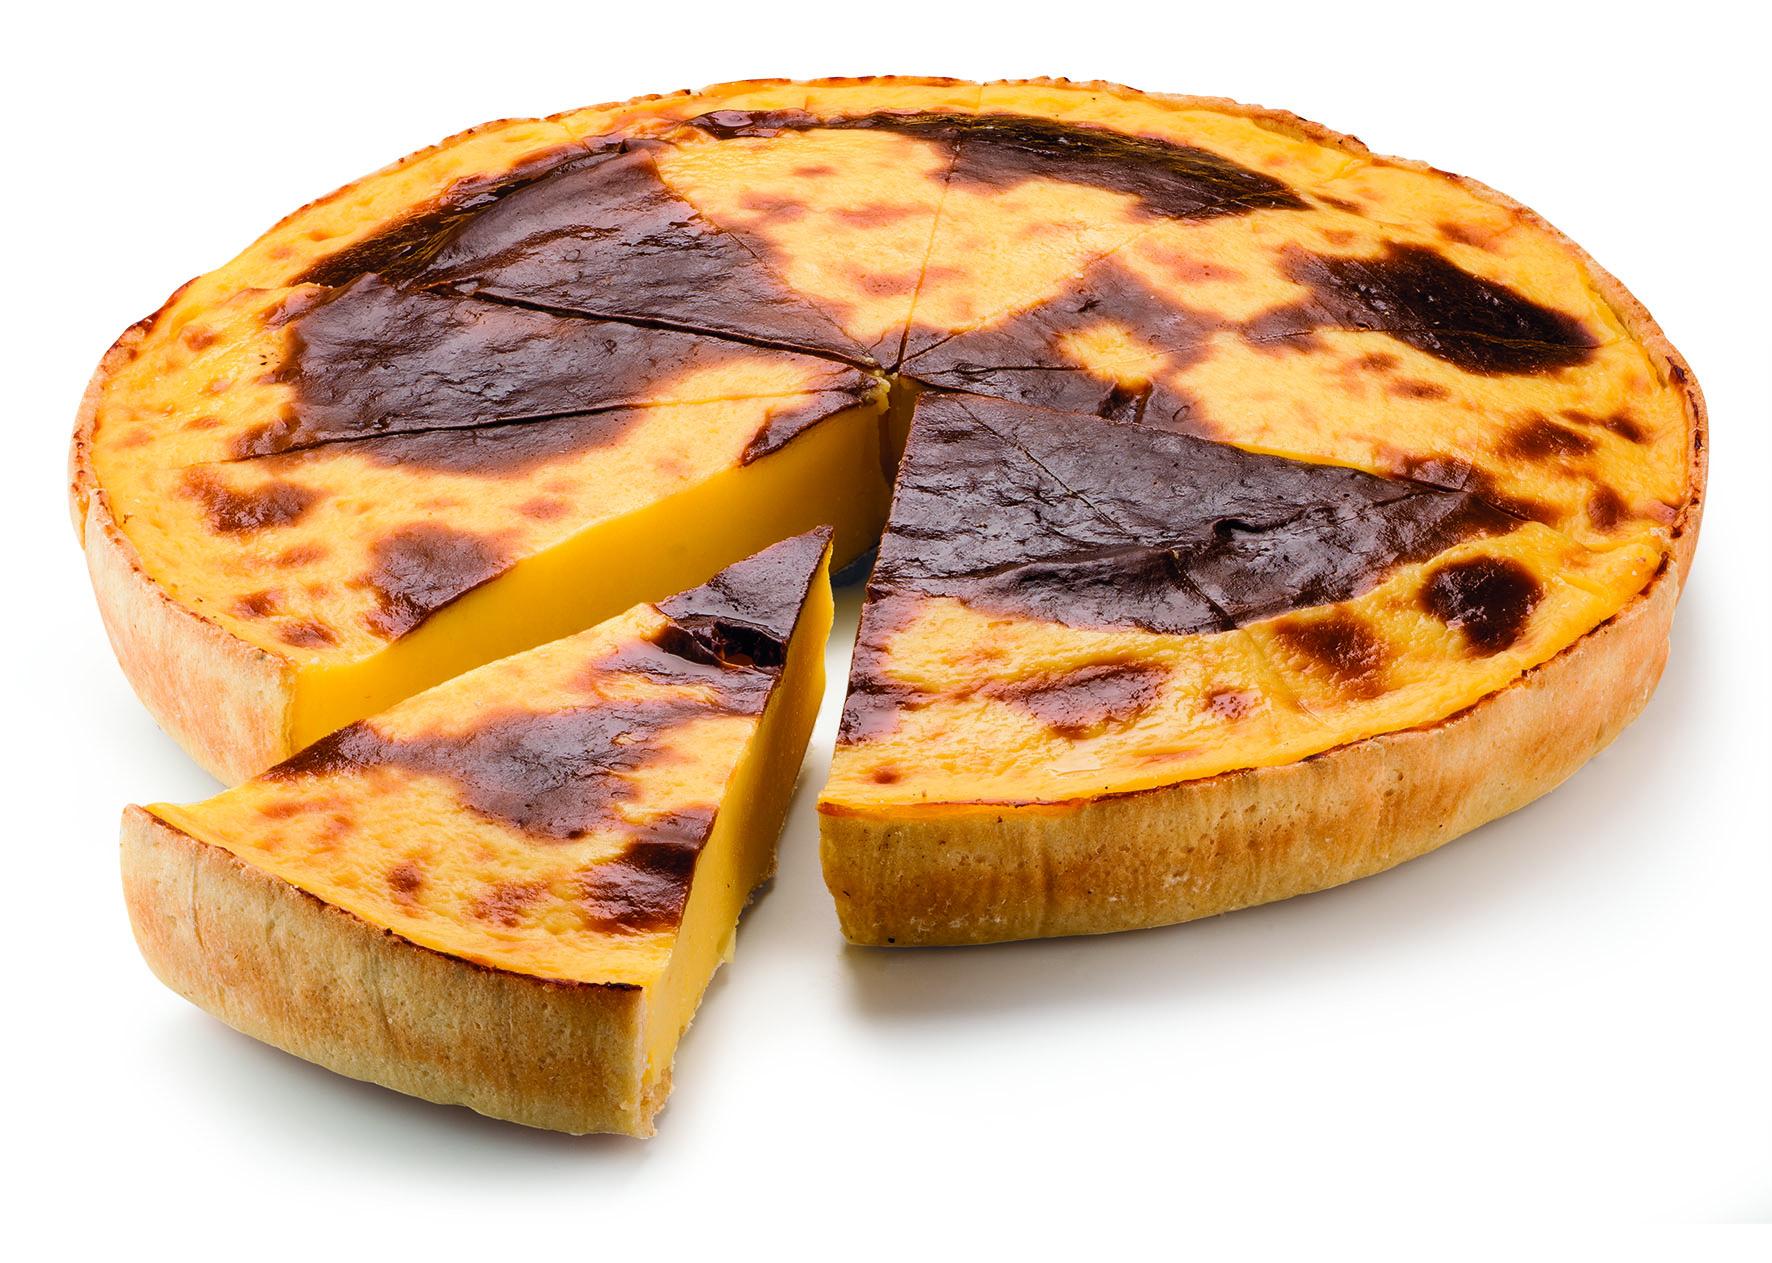 Pre-sliced custard tart